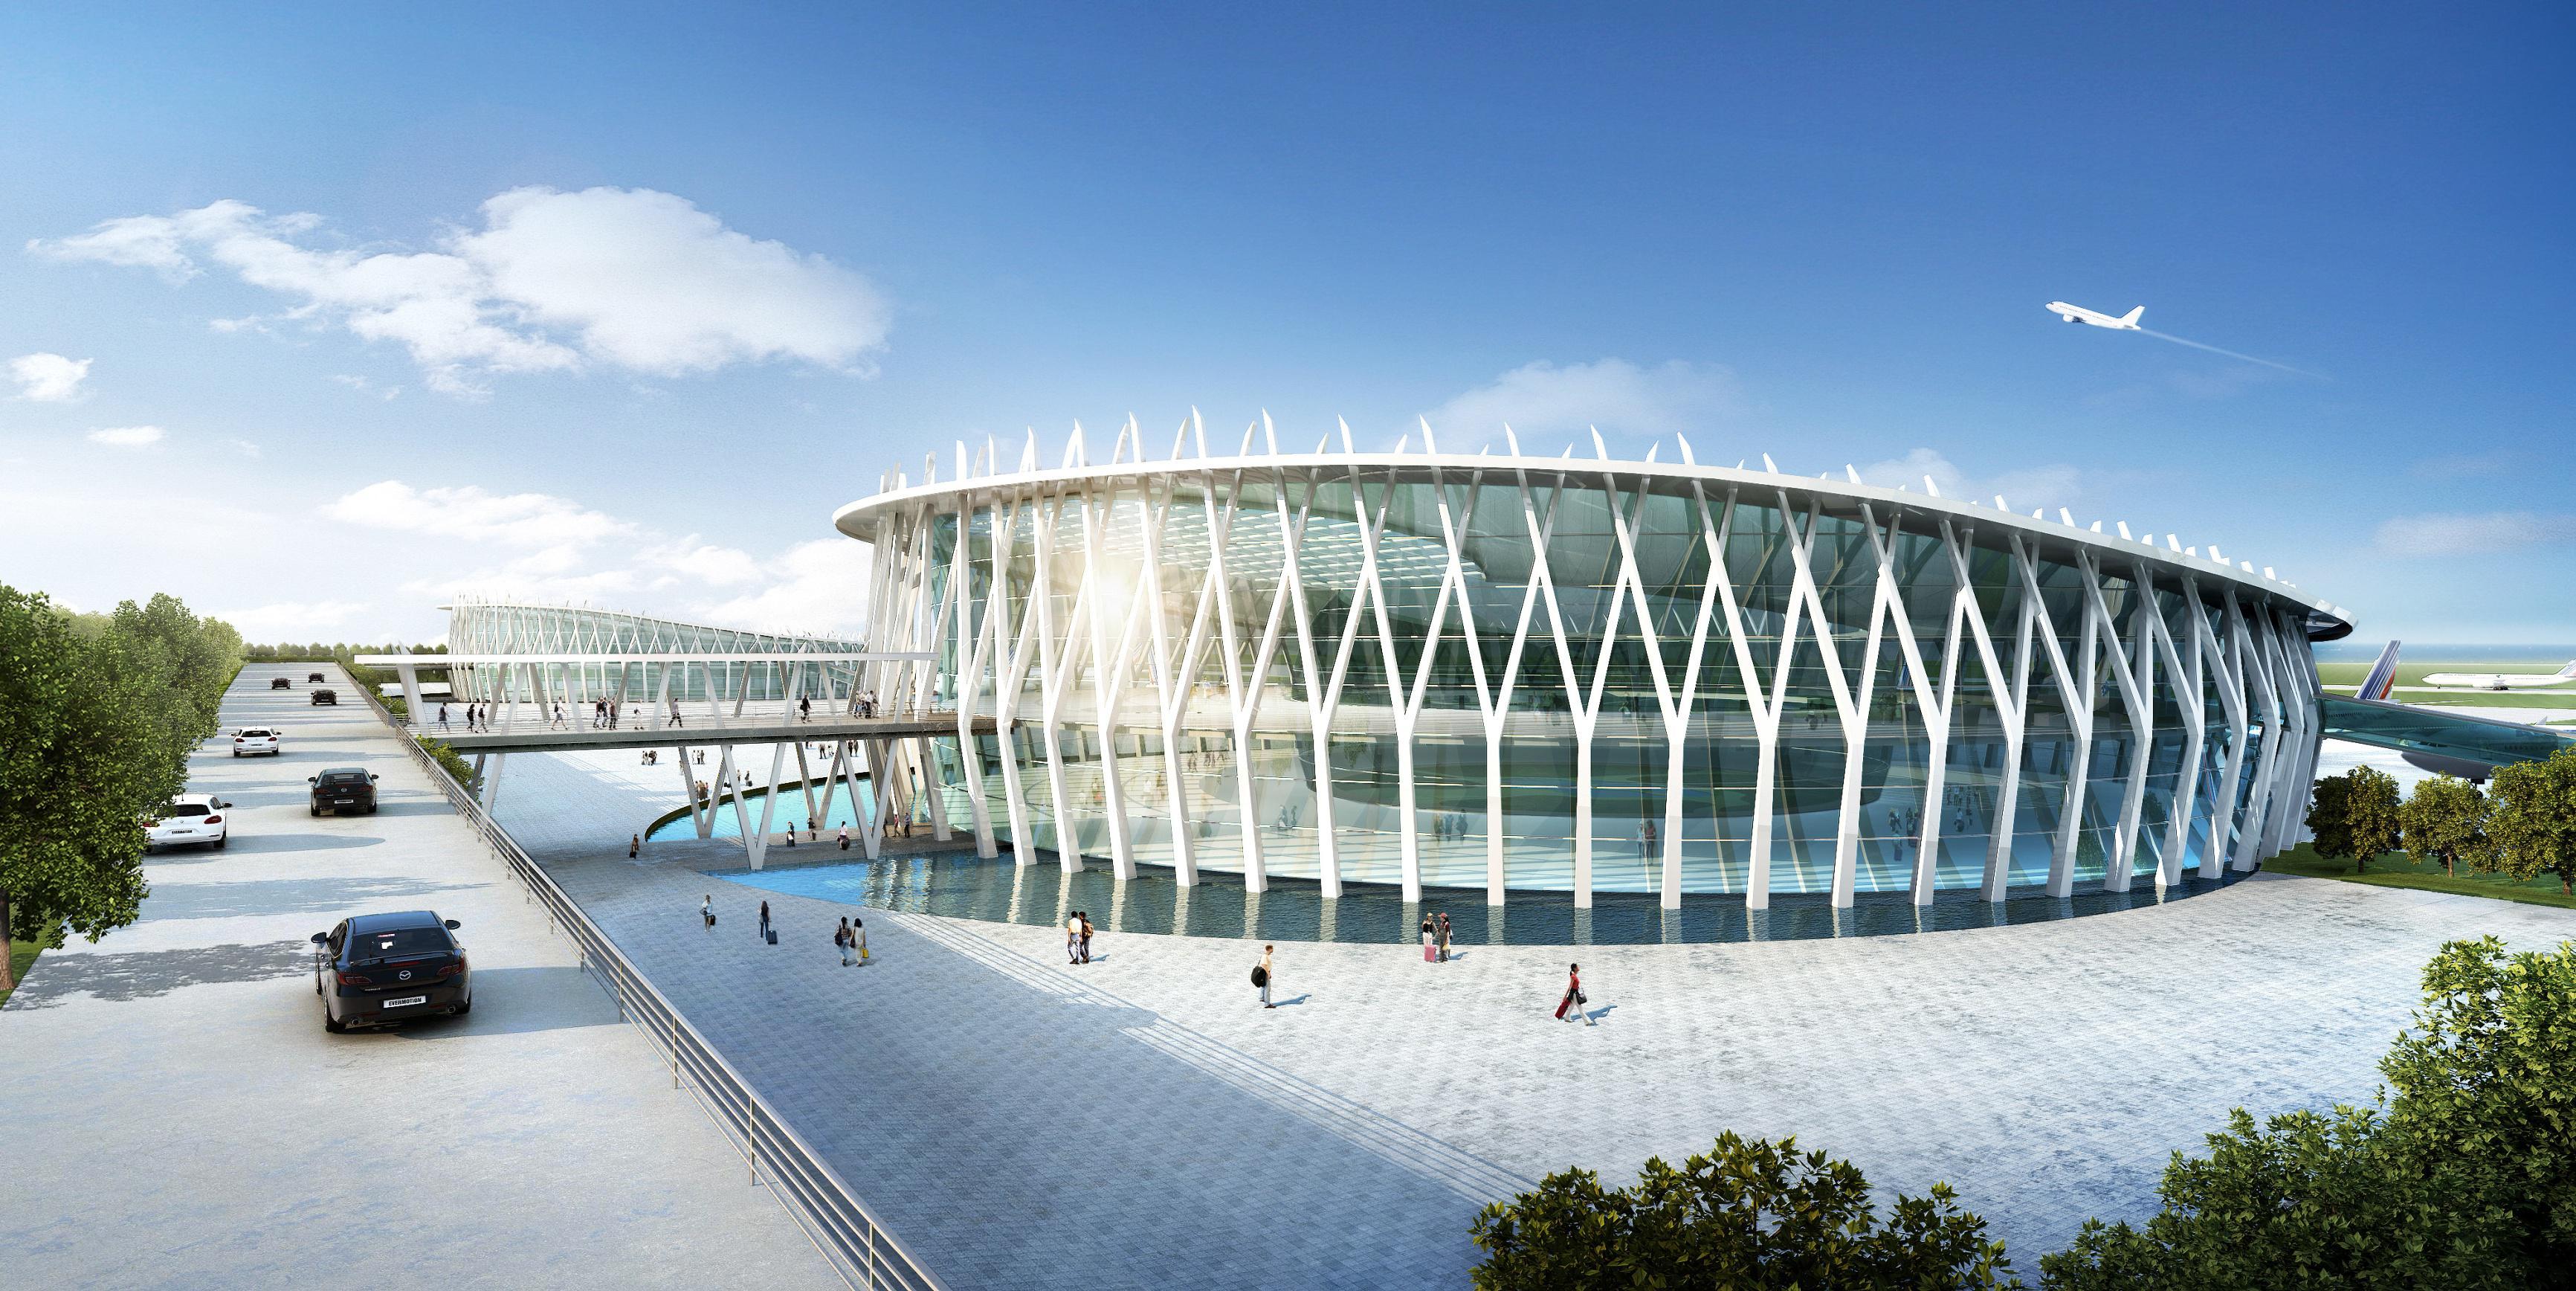 该机场将是朝鲜元山的国际化机场,原地块为朝鲜江原省一军用机场改造而成。运送货物以及乘客预计每年乘客总人数为六百万人次。机场东向105 公里是一个经济特区。 该机场也将为这个经济特区服务。由香港PLT Planning & Architecture Limited公司设计的元山国际机场在受到周围很多因素影响下,依旧满足客运和货运两用。主要的设计概念将传统和现代先进技术相结合。航站楼的外形选择是传统的鼓状。